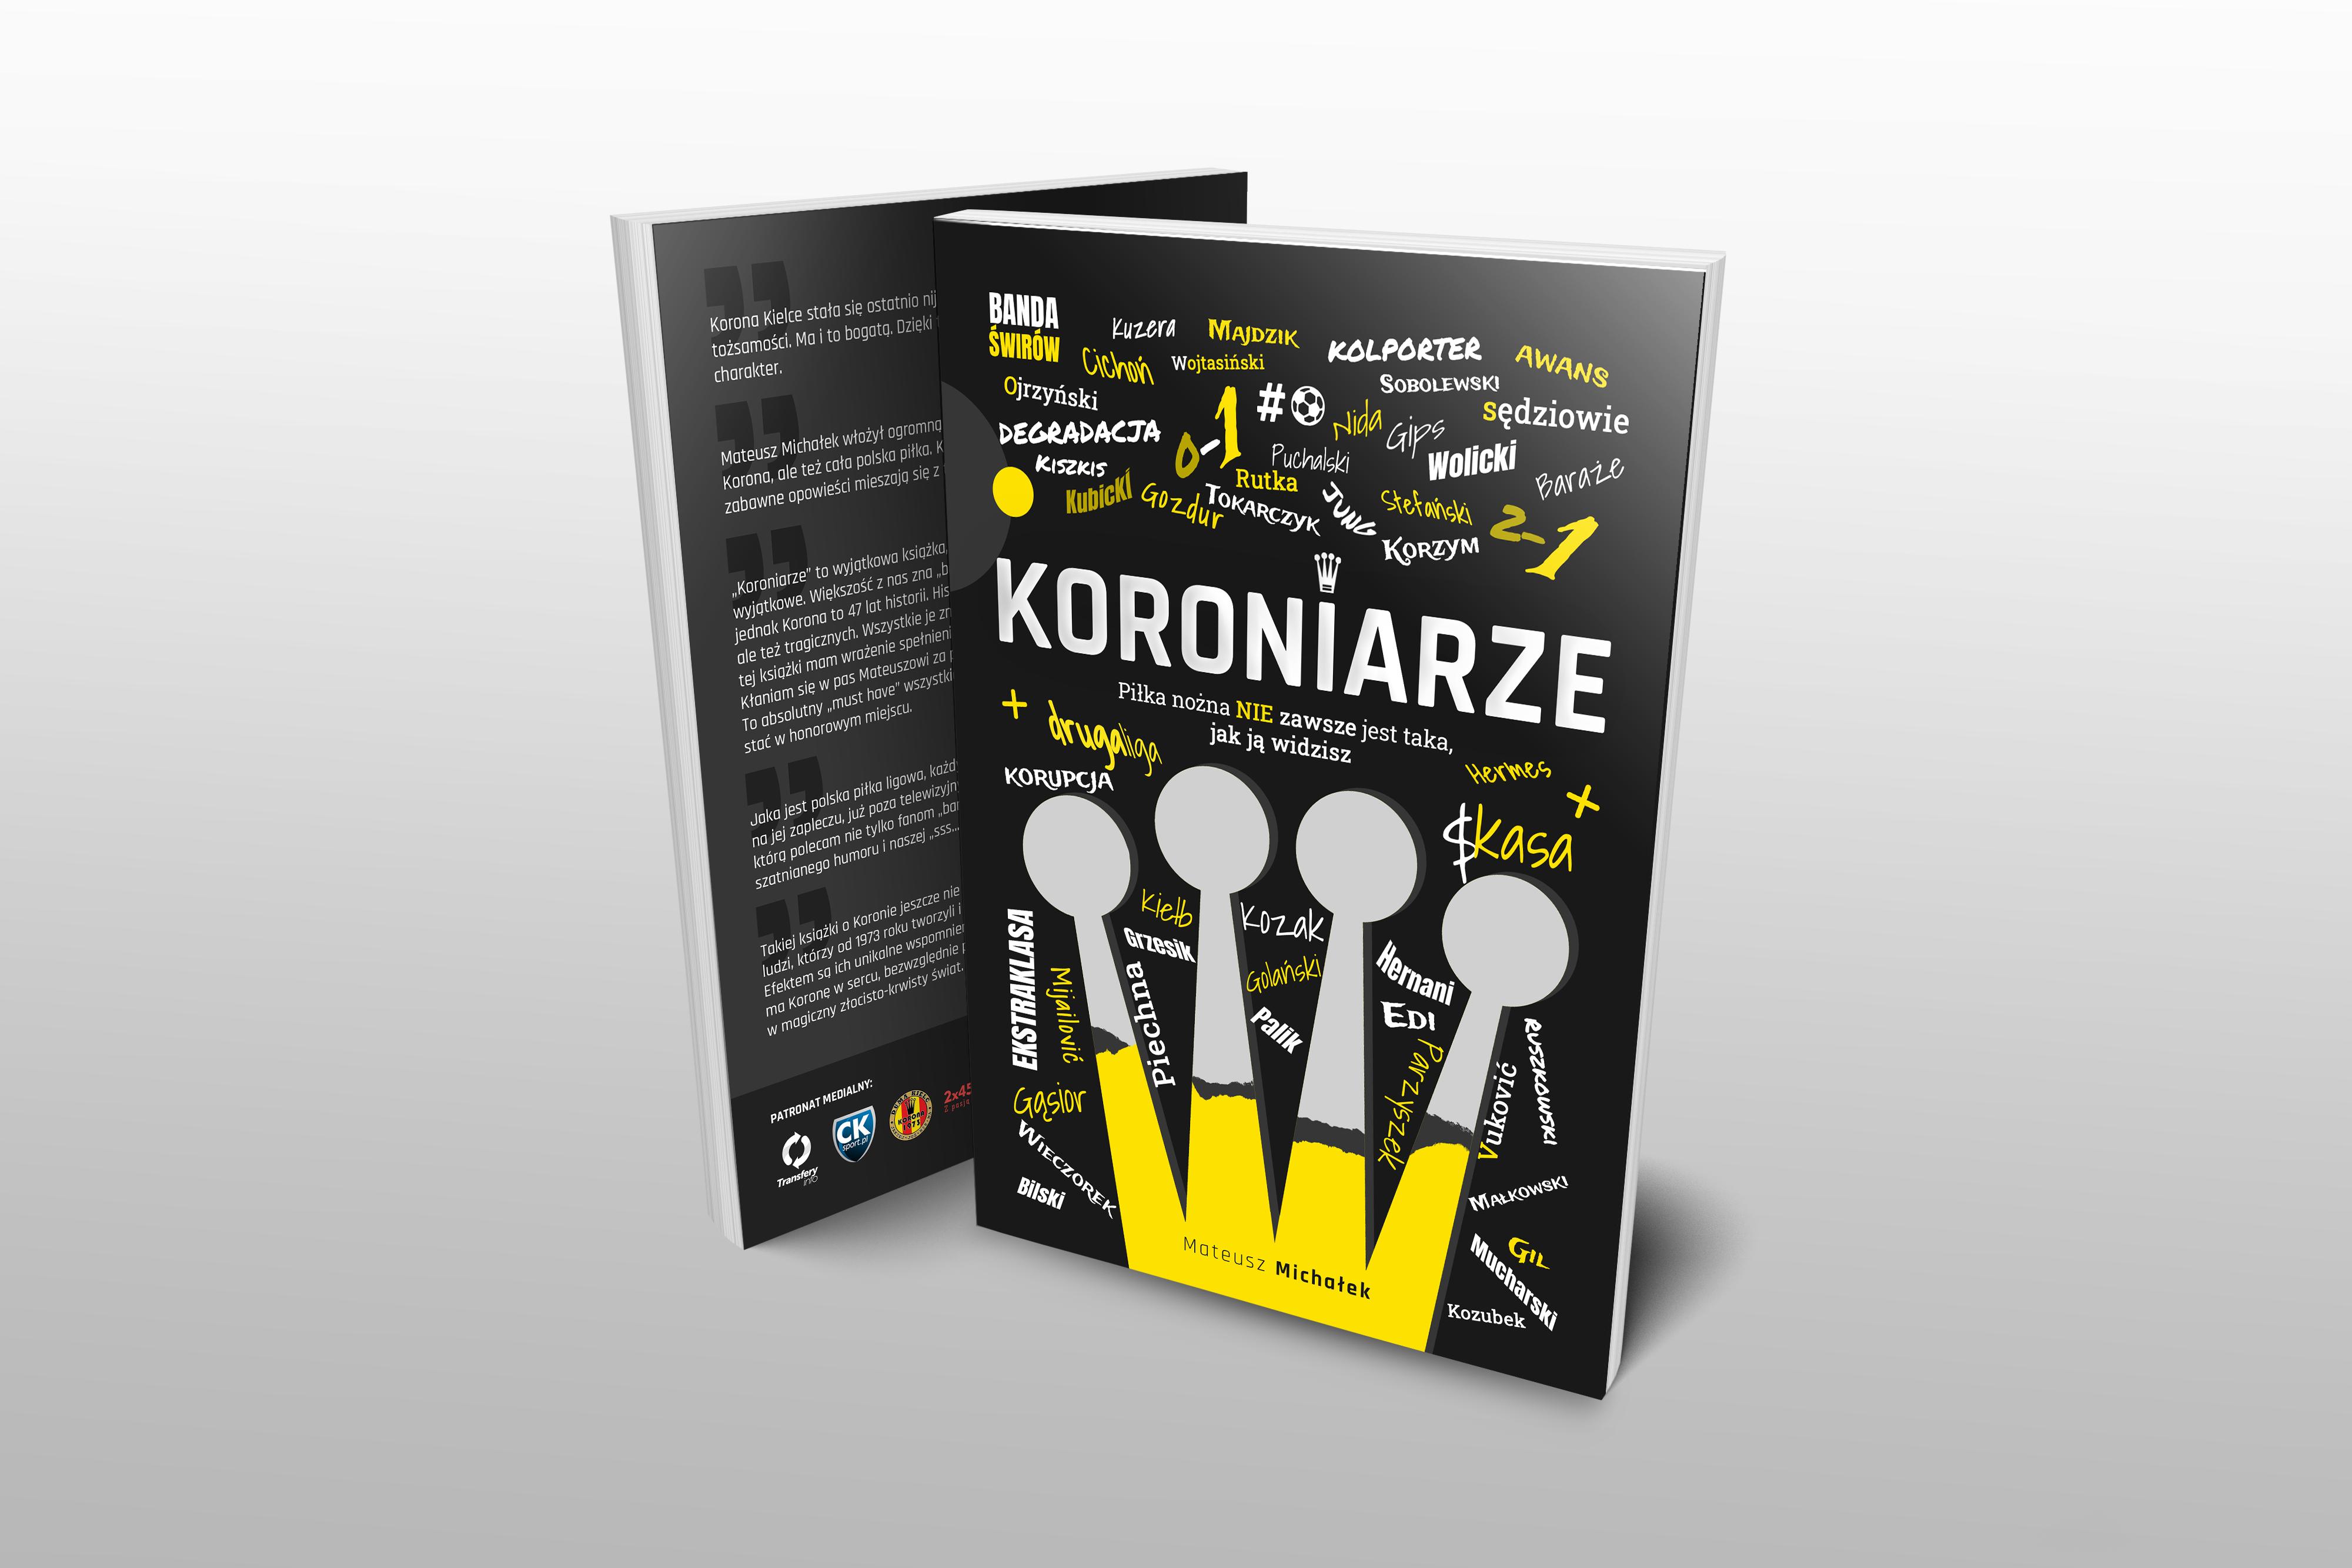 Koroniarze Korona Kielce prezentacja